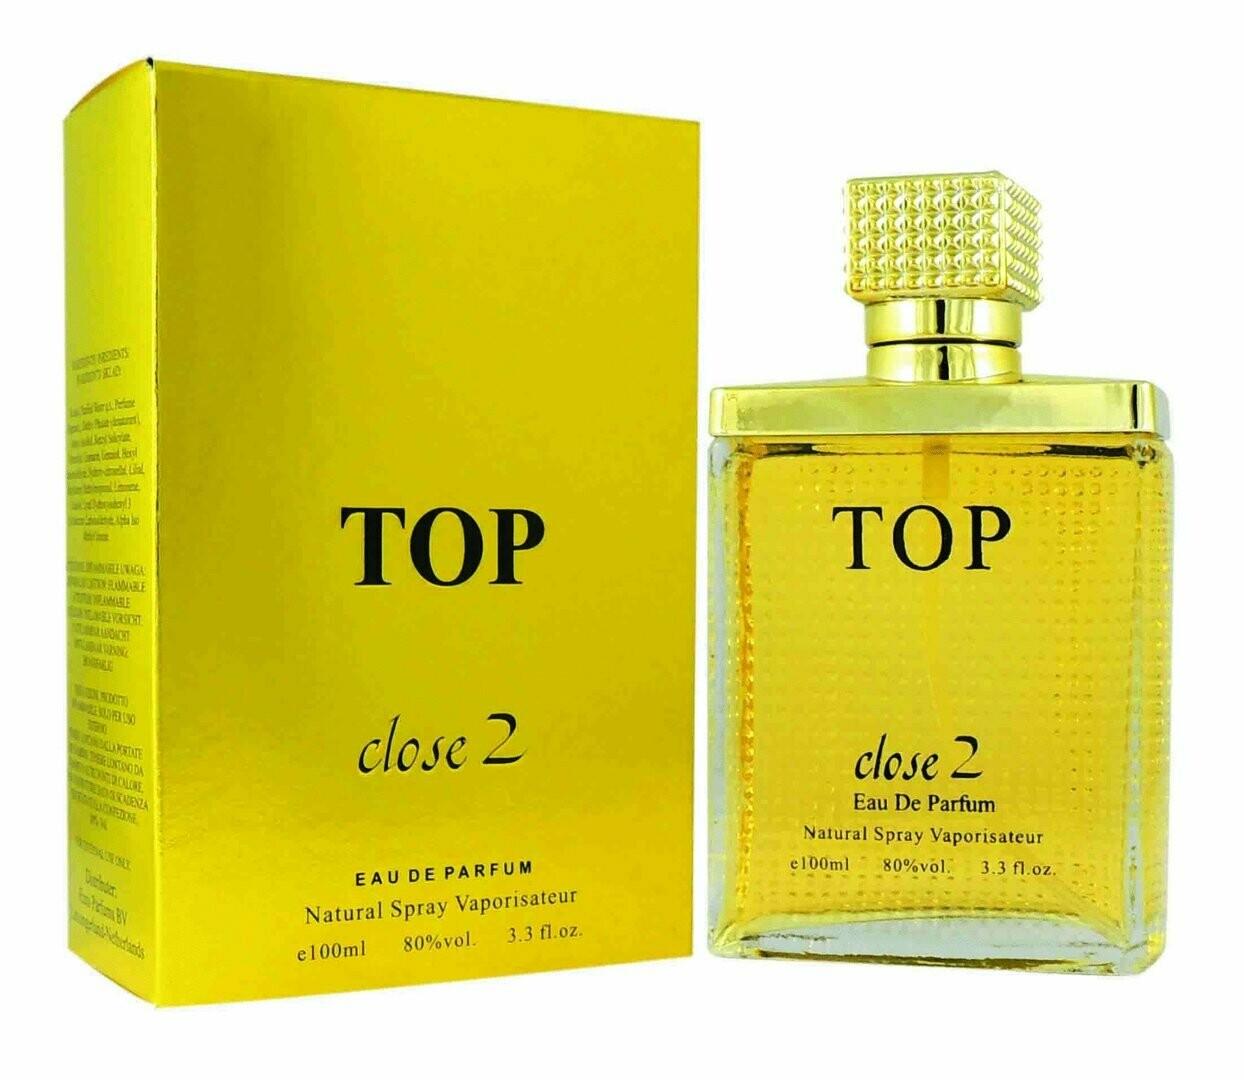 Eau De Parfum Close2 Top WISLA VLAANDEREN Pour Femme